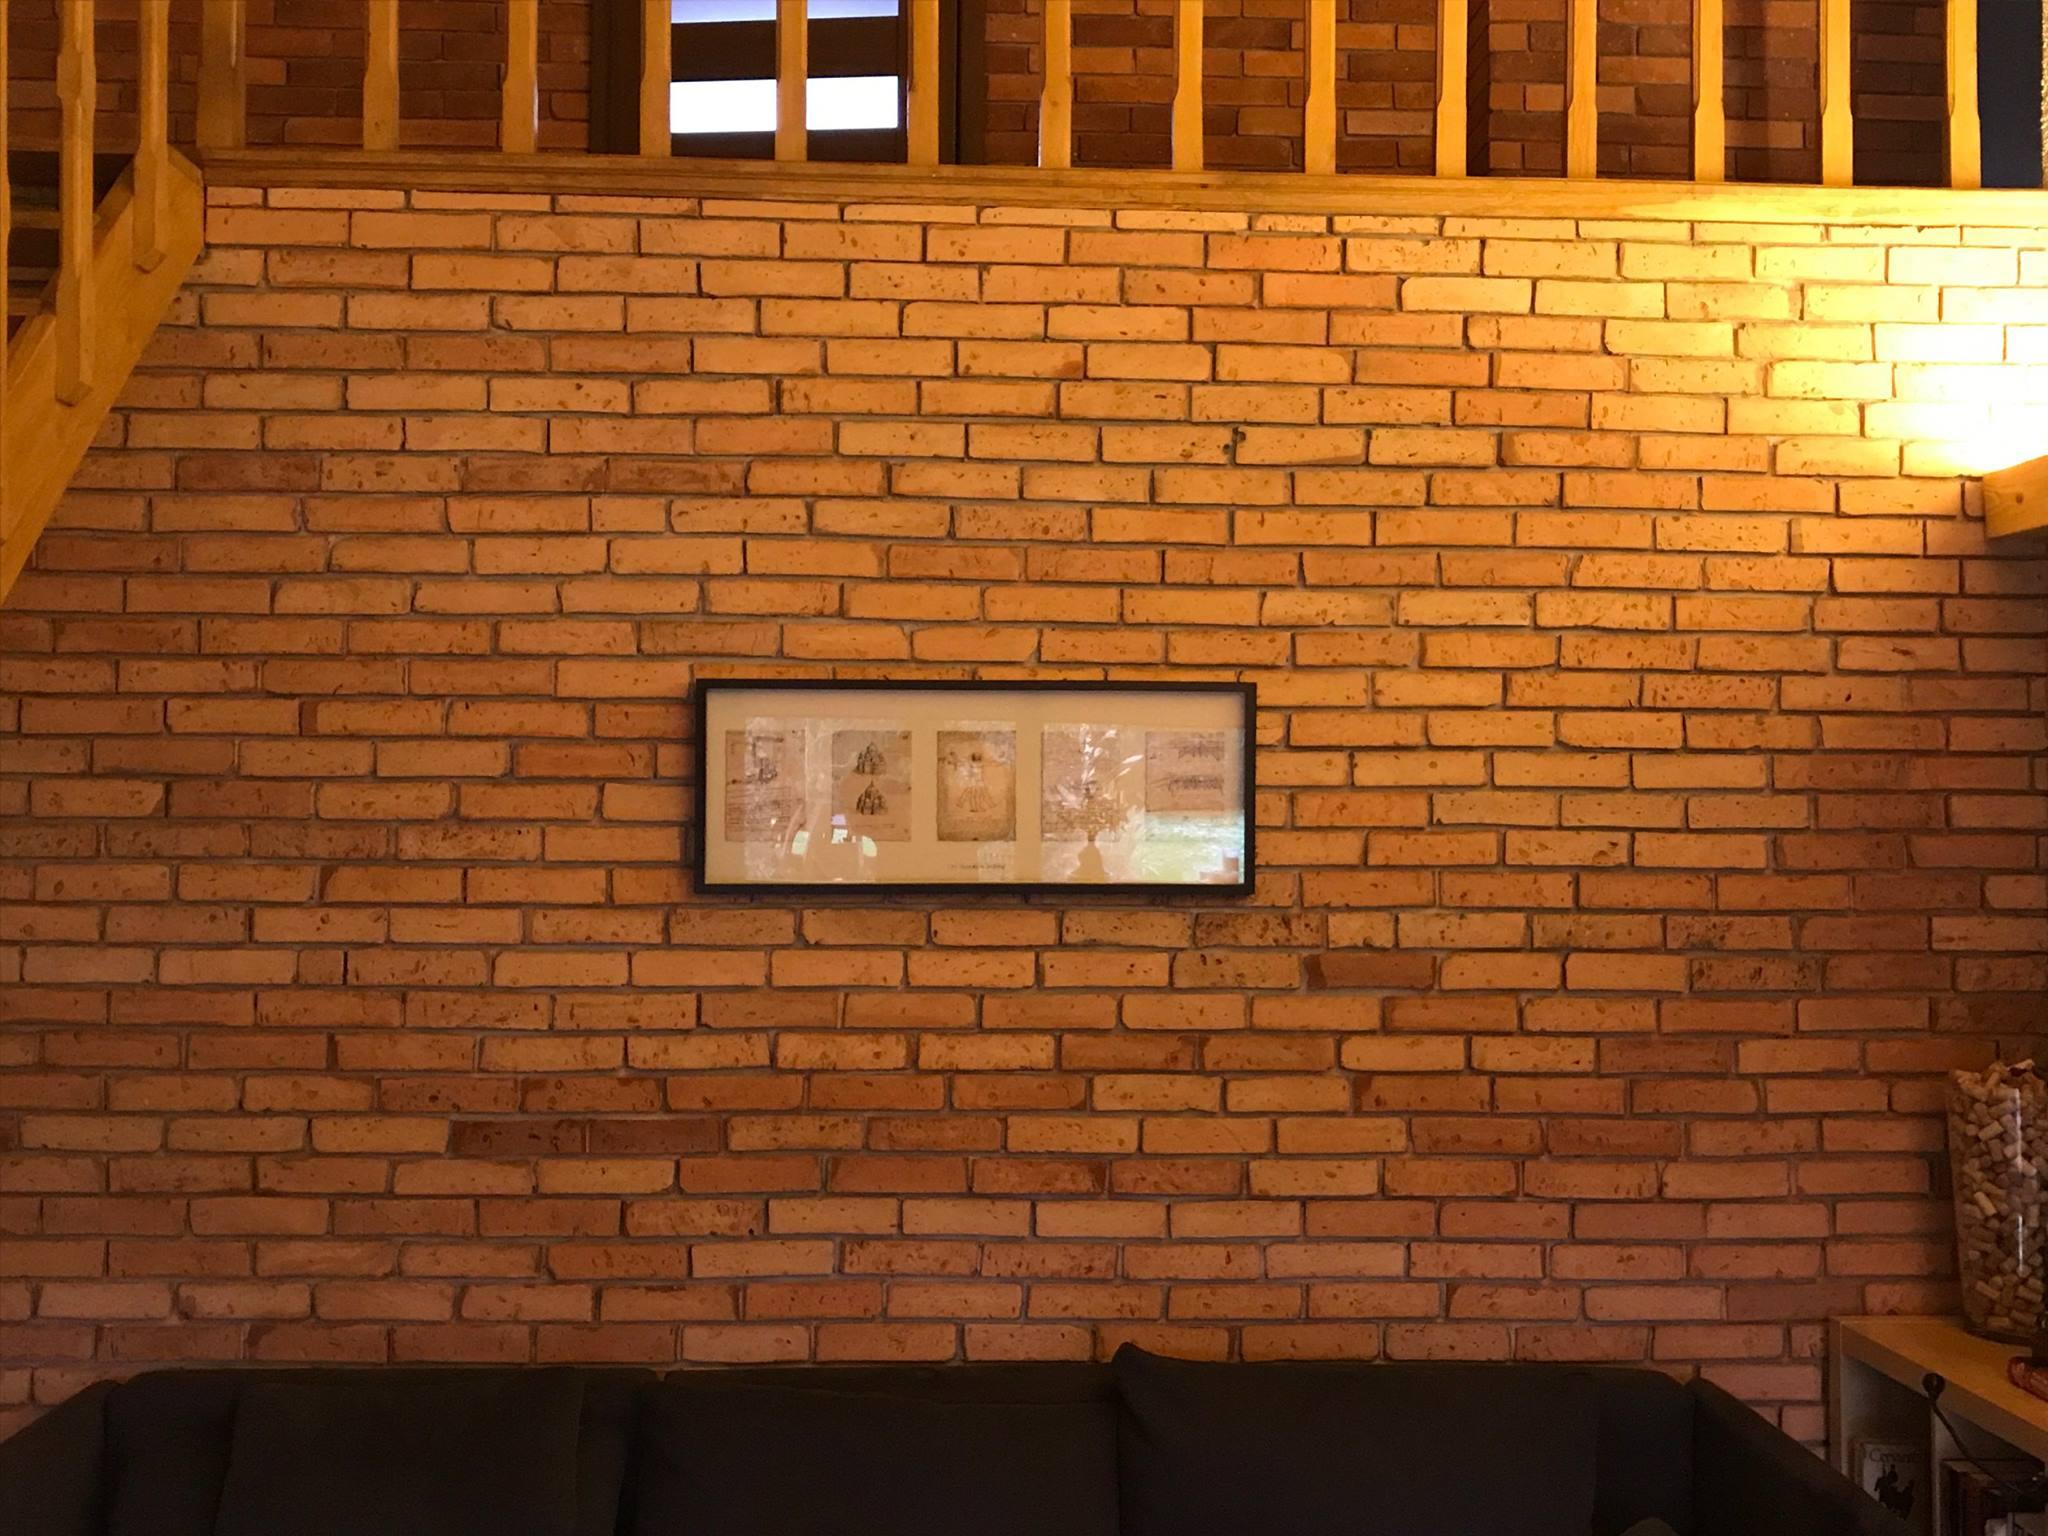 płytki loftowe na ścianie